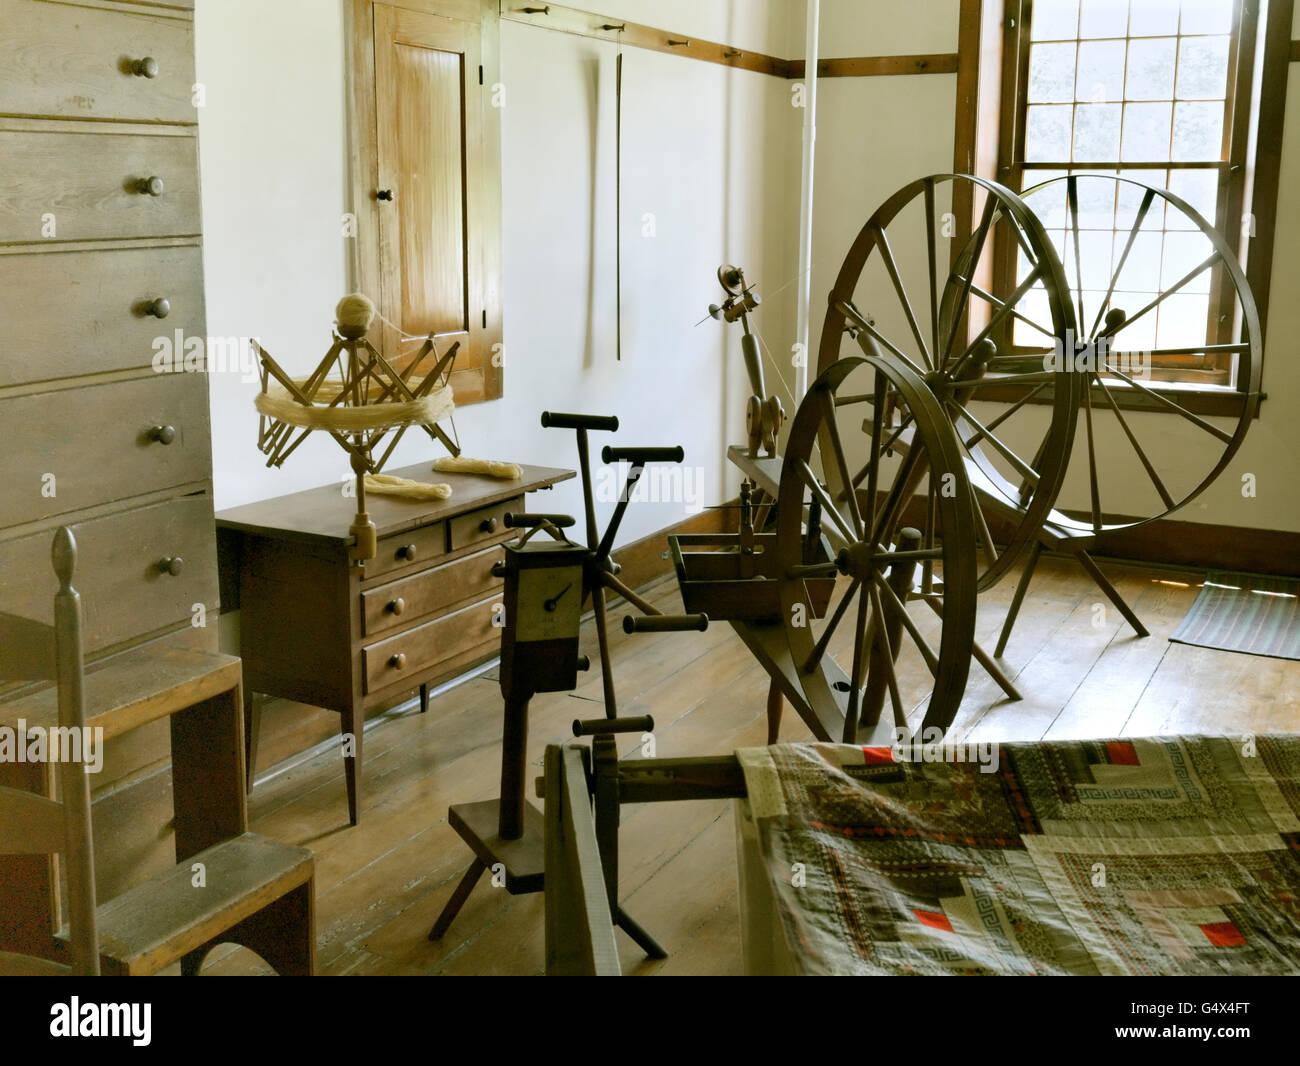 Old spinning wheel display, Hancock Shaker Village, Massachusetts Stock Photo